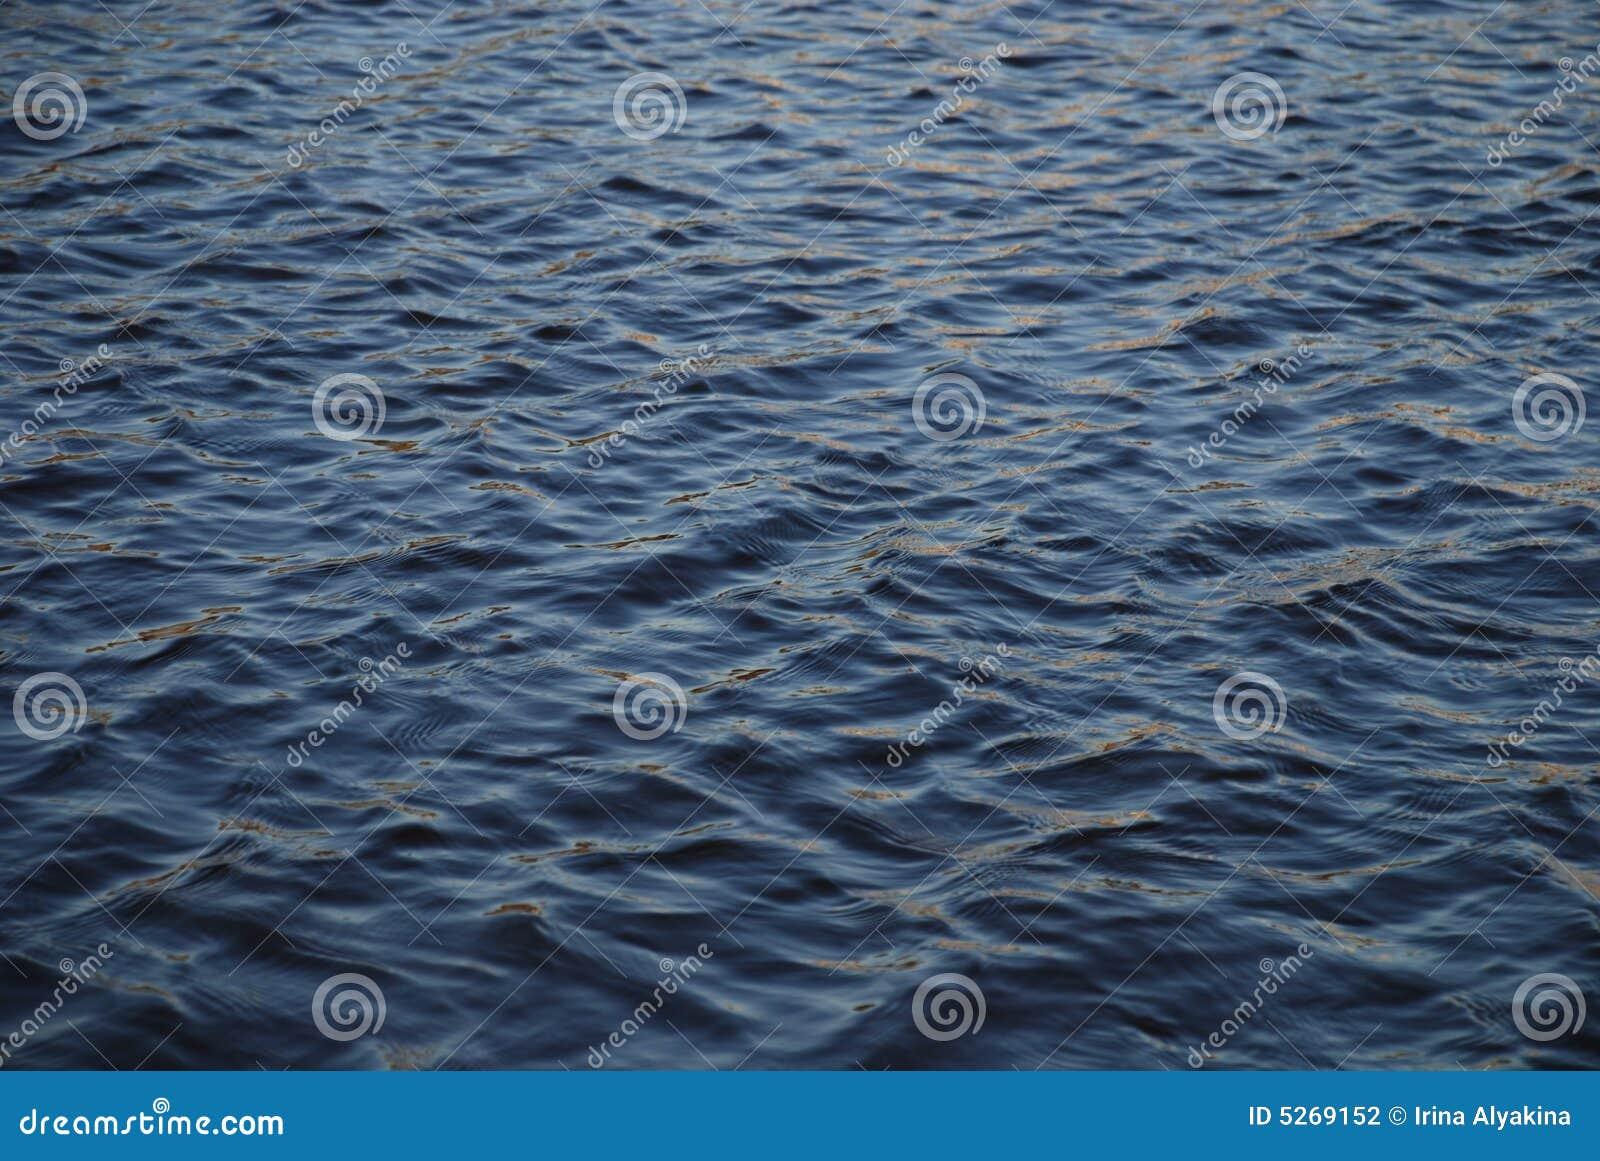 Ciemne wody